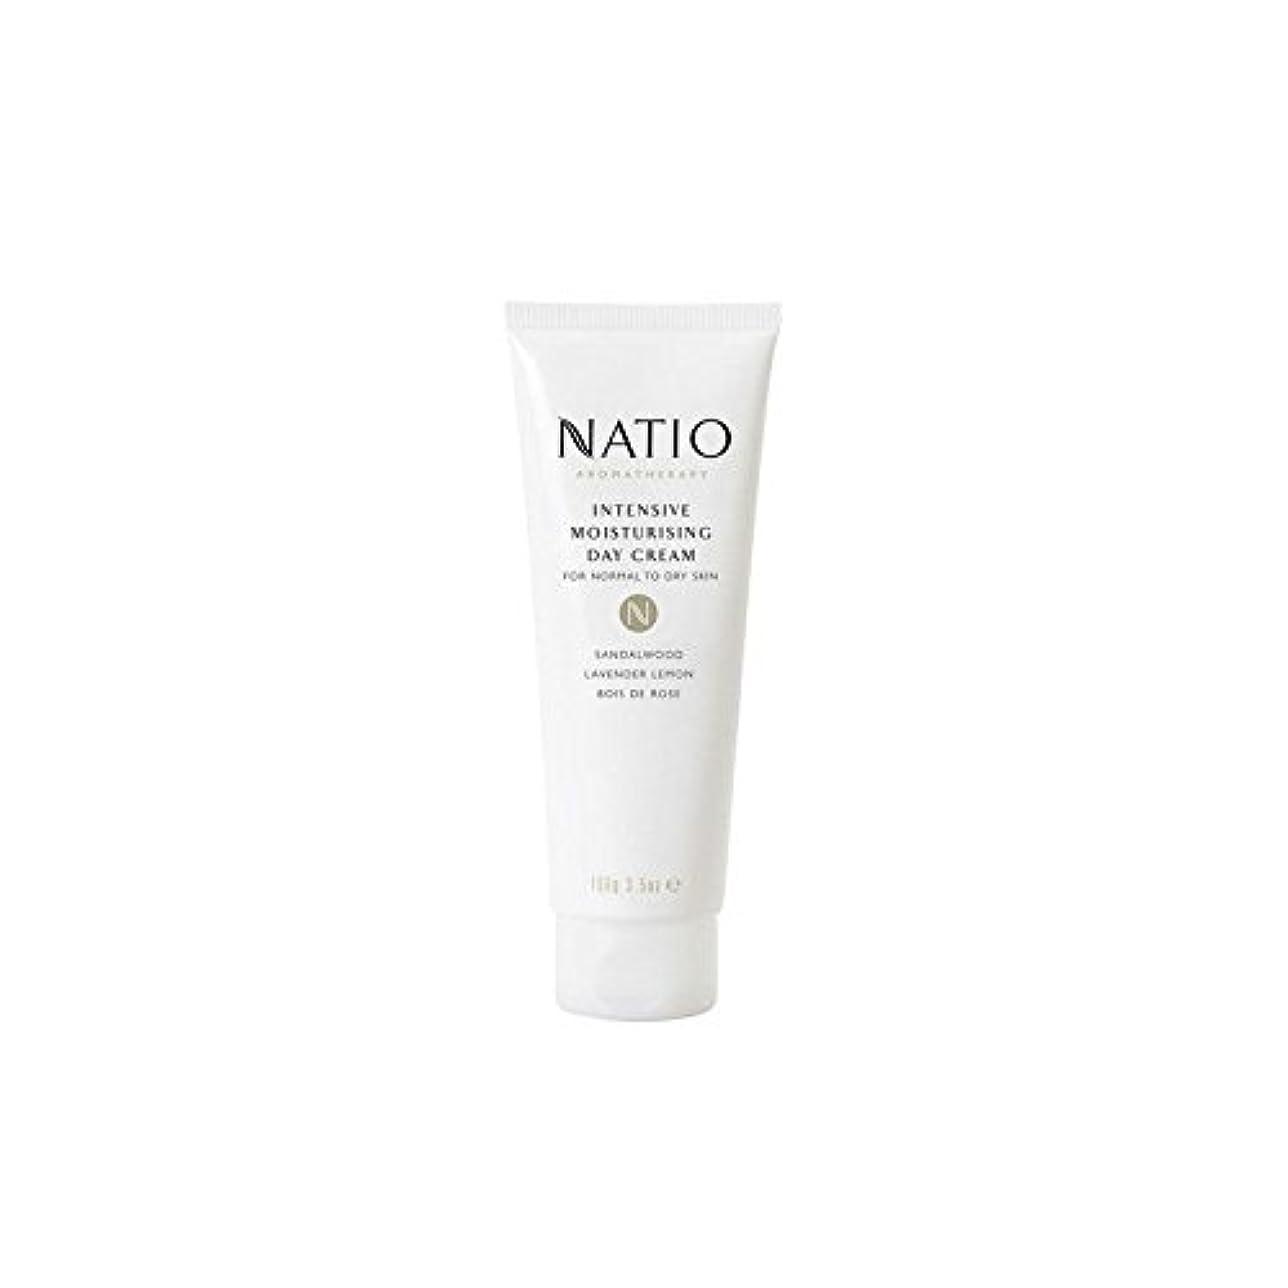 バッジ信号レキシコン集中的な保湿デイクリーム(100グラム) x2 - Natio Intensive Moisturising Day Cream (100G) (Pack of 2) [並行輸入品]